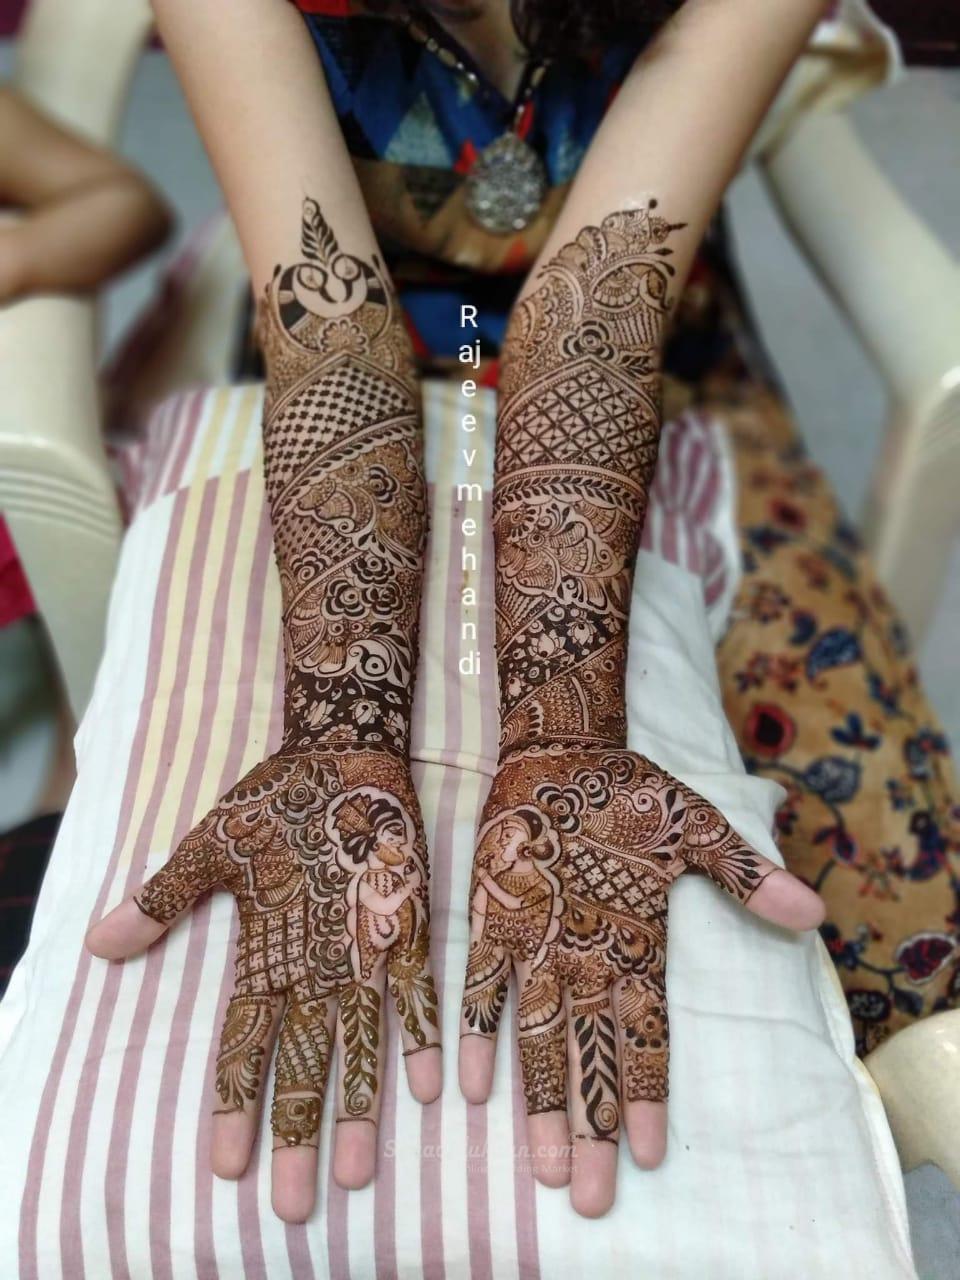 Rajeev Mehandi Artist